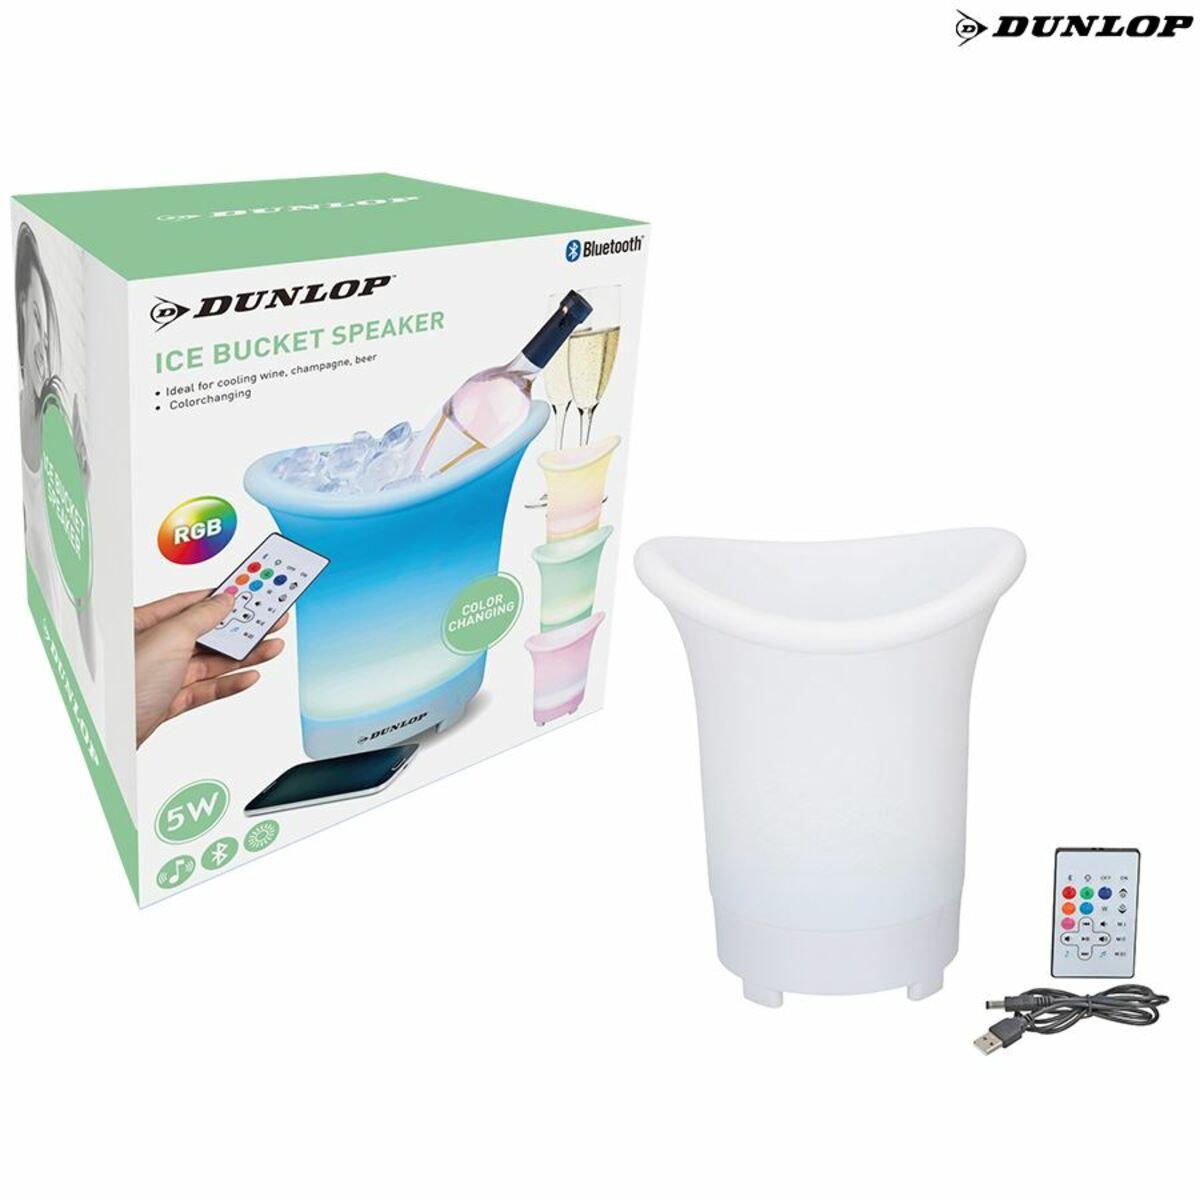 Bild 2 von Dunlop Bluetooth-Lautsprecher mit Flaschenkühler 27cm